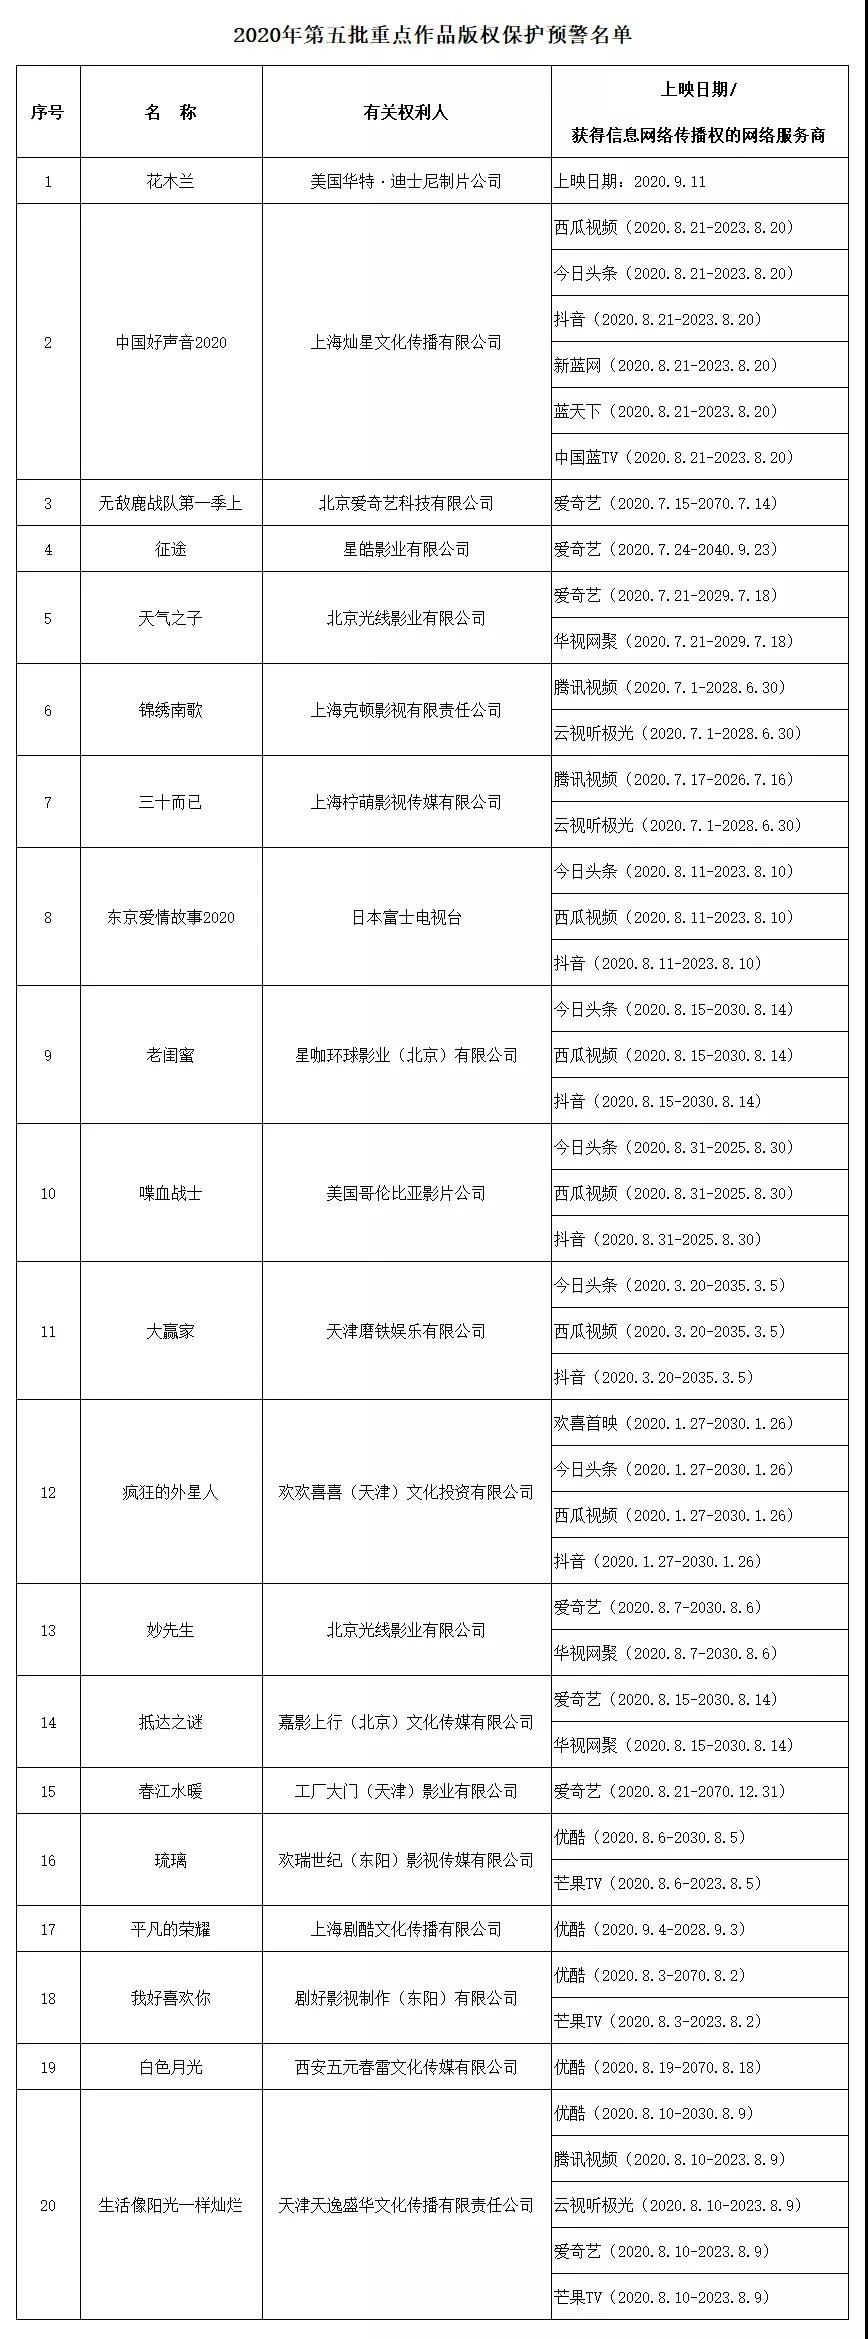 #晨报#福州:举报知识产权重大违法行为最高奖30万元;俄罗斯专利商标局新条例已于2020年9月6日生效